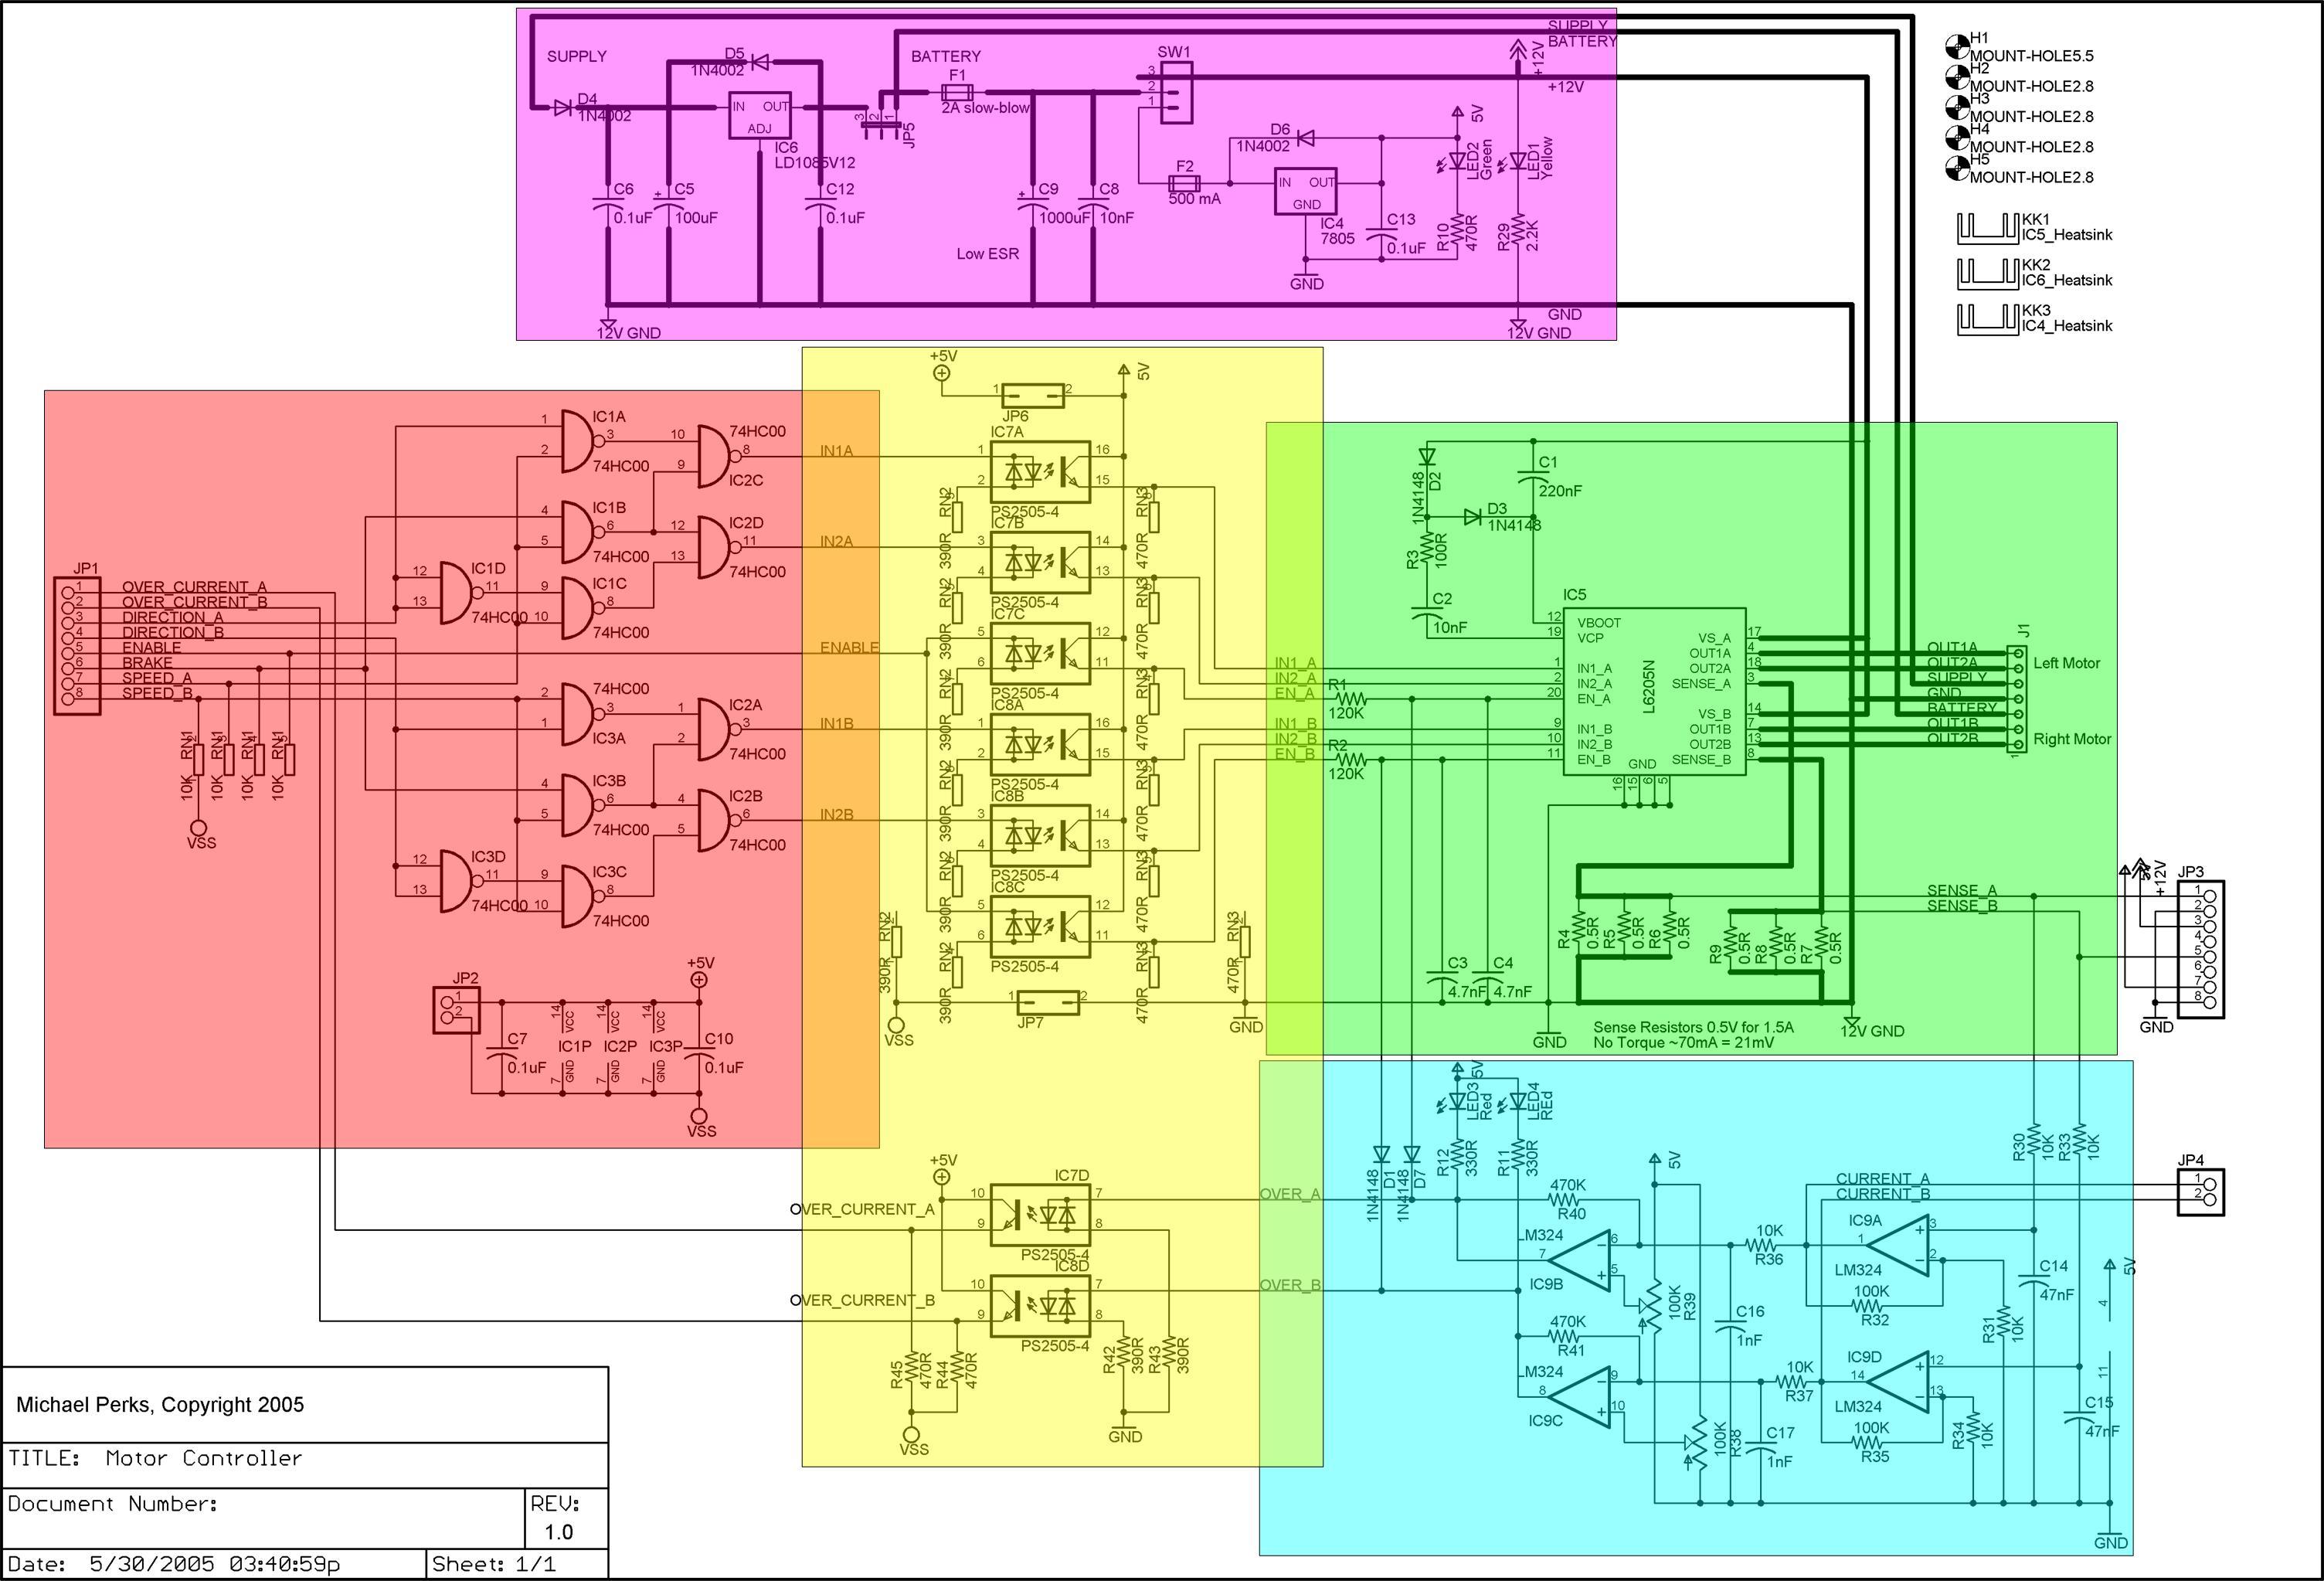 kk2 15 wiring diagram wiring diagram